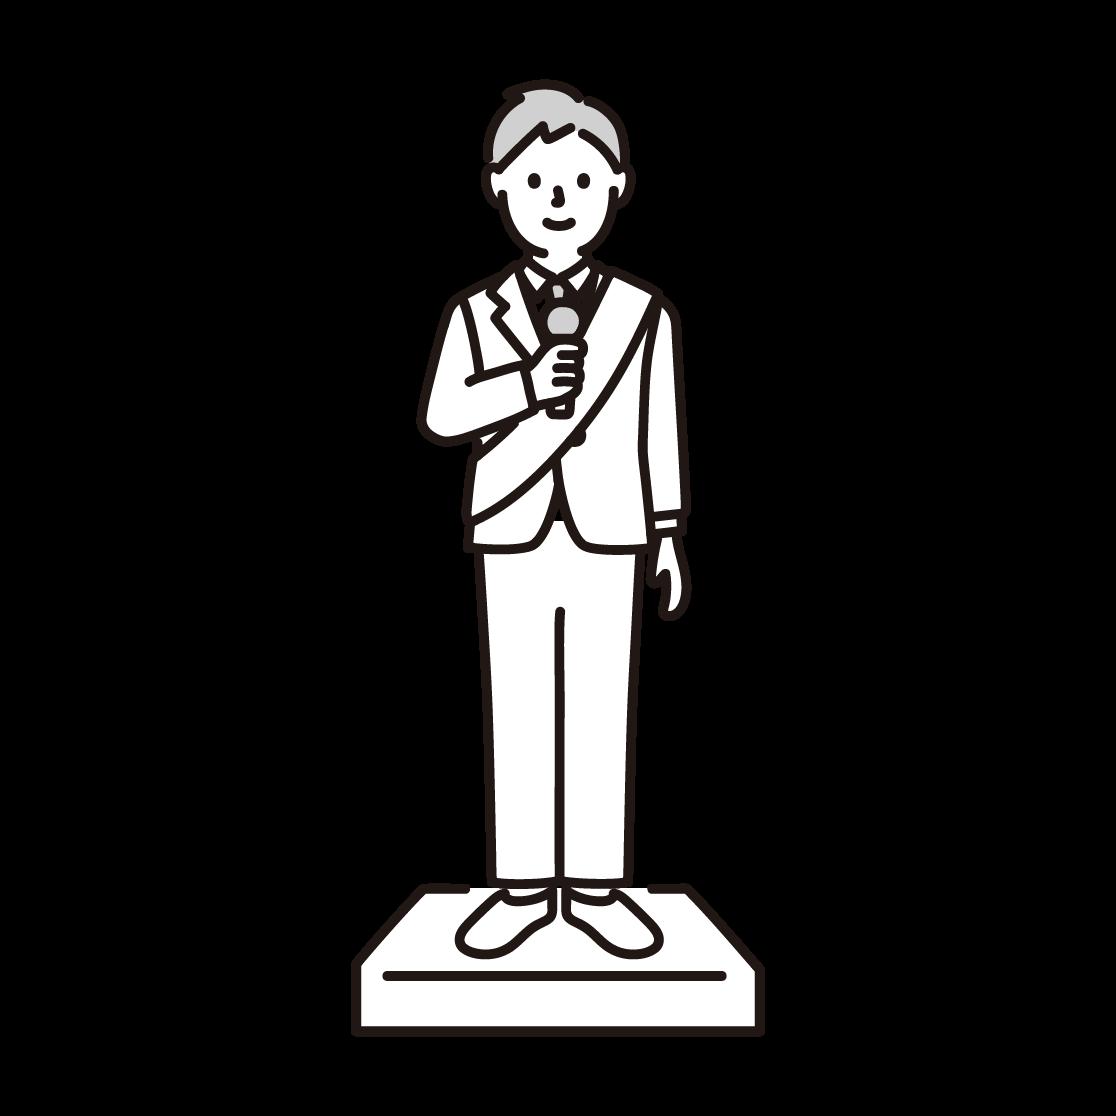 選挙演説をする男性の単色イラスト